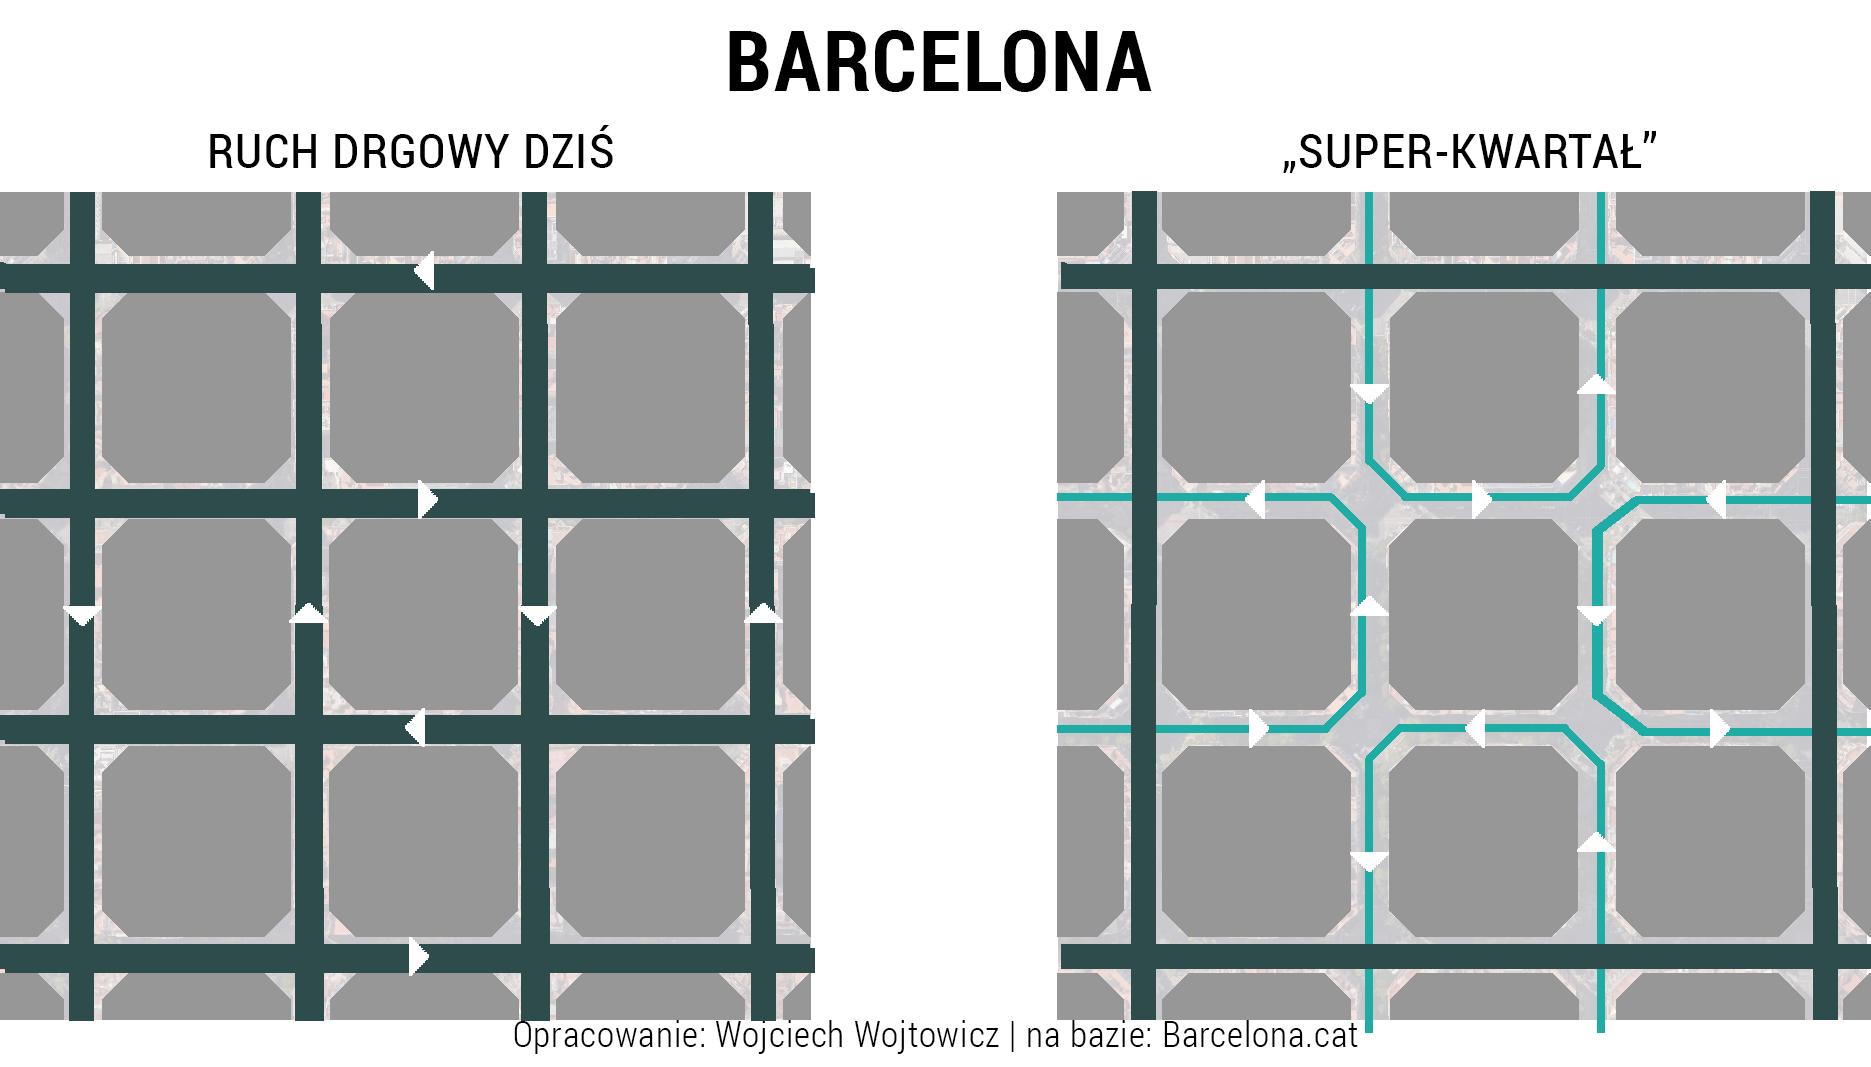 Barcelona kwartal